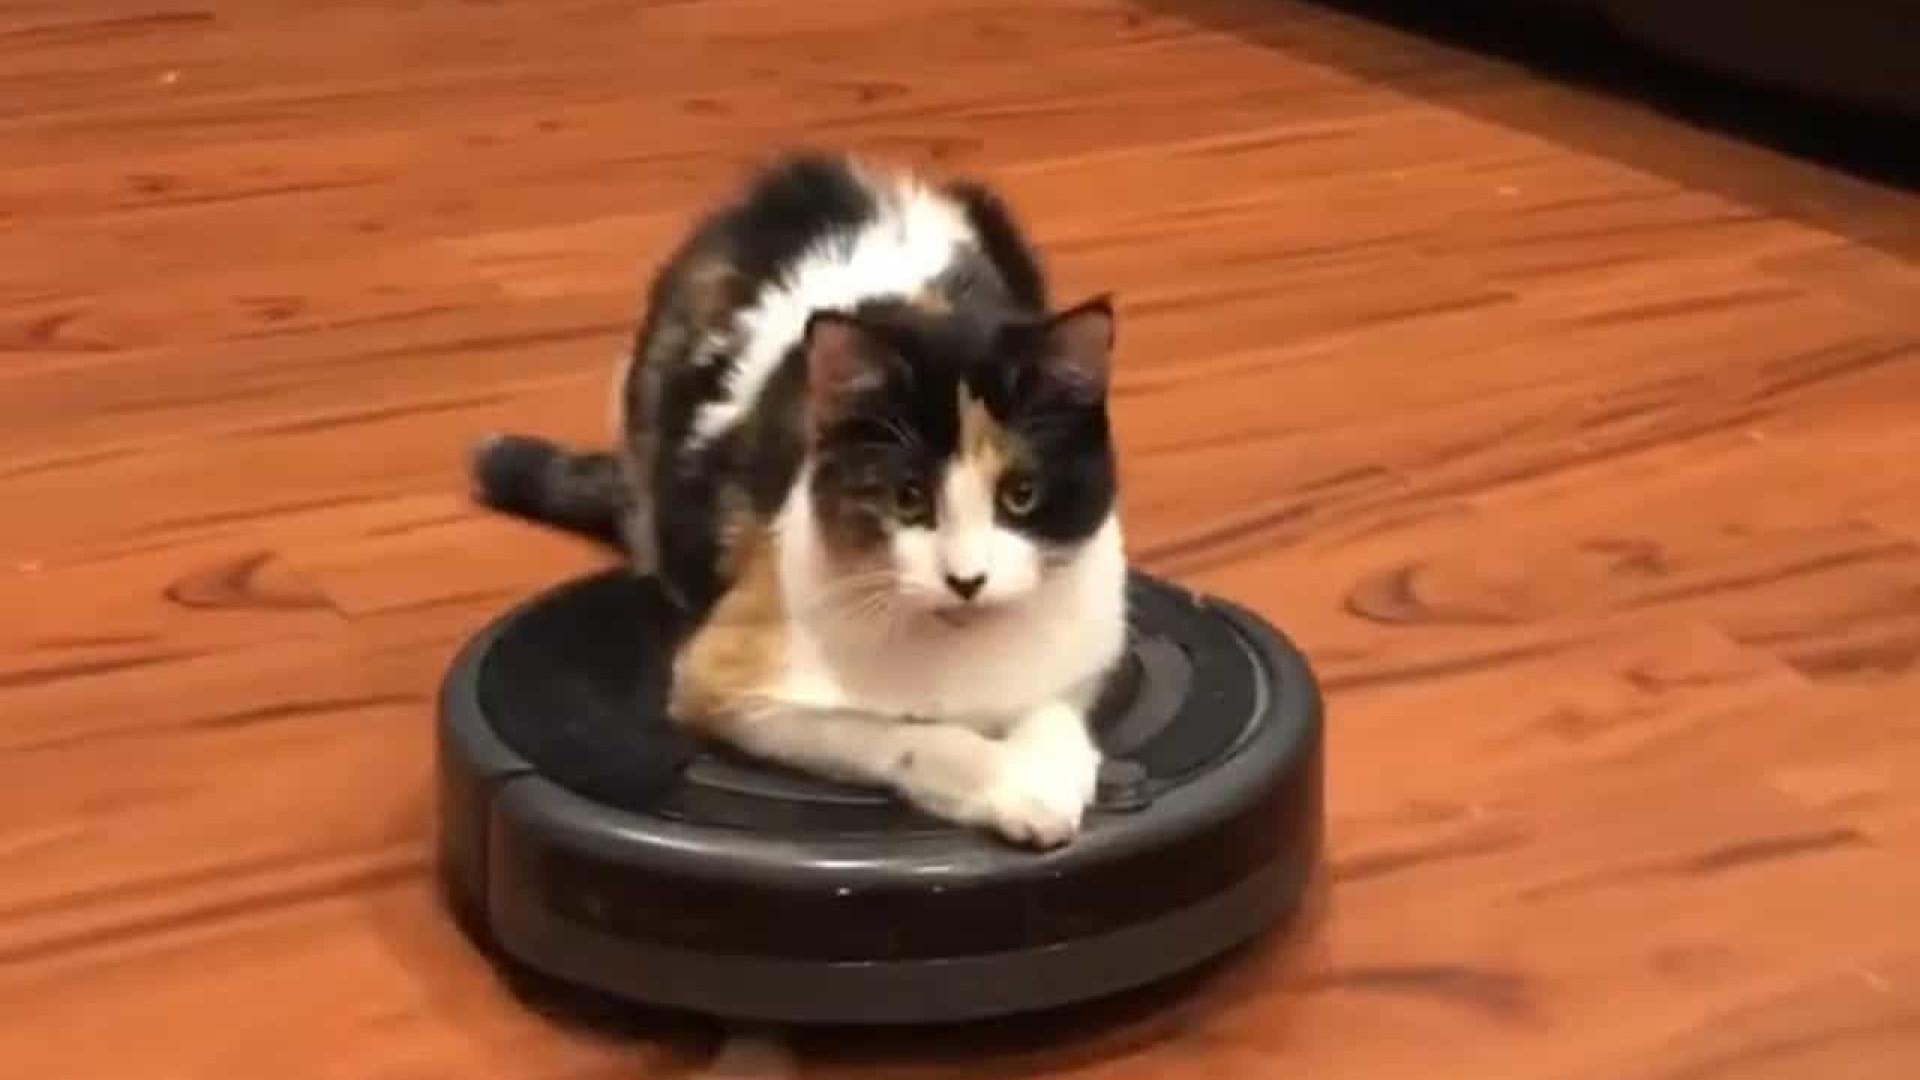 Gato adora passear pela casa em cima de aspirador automático